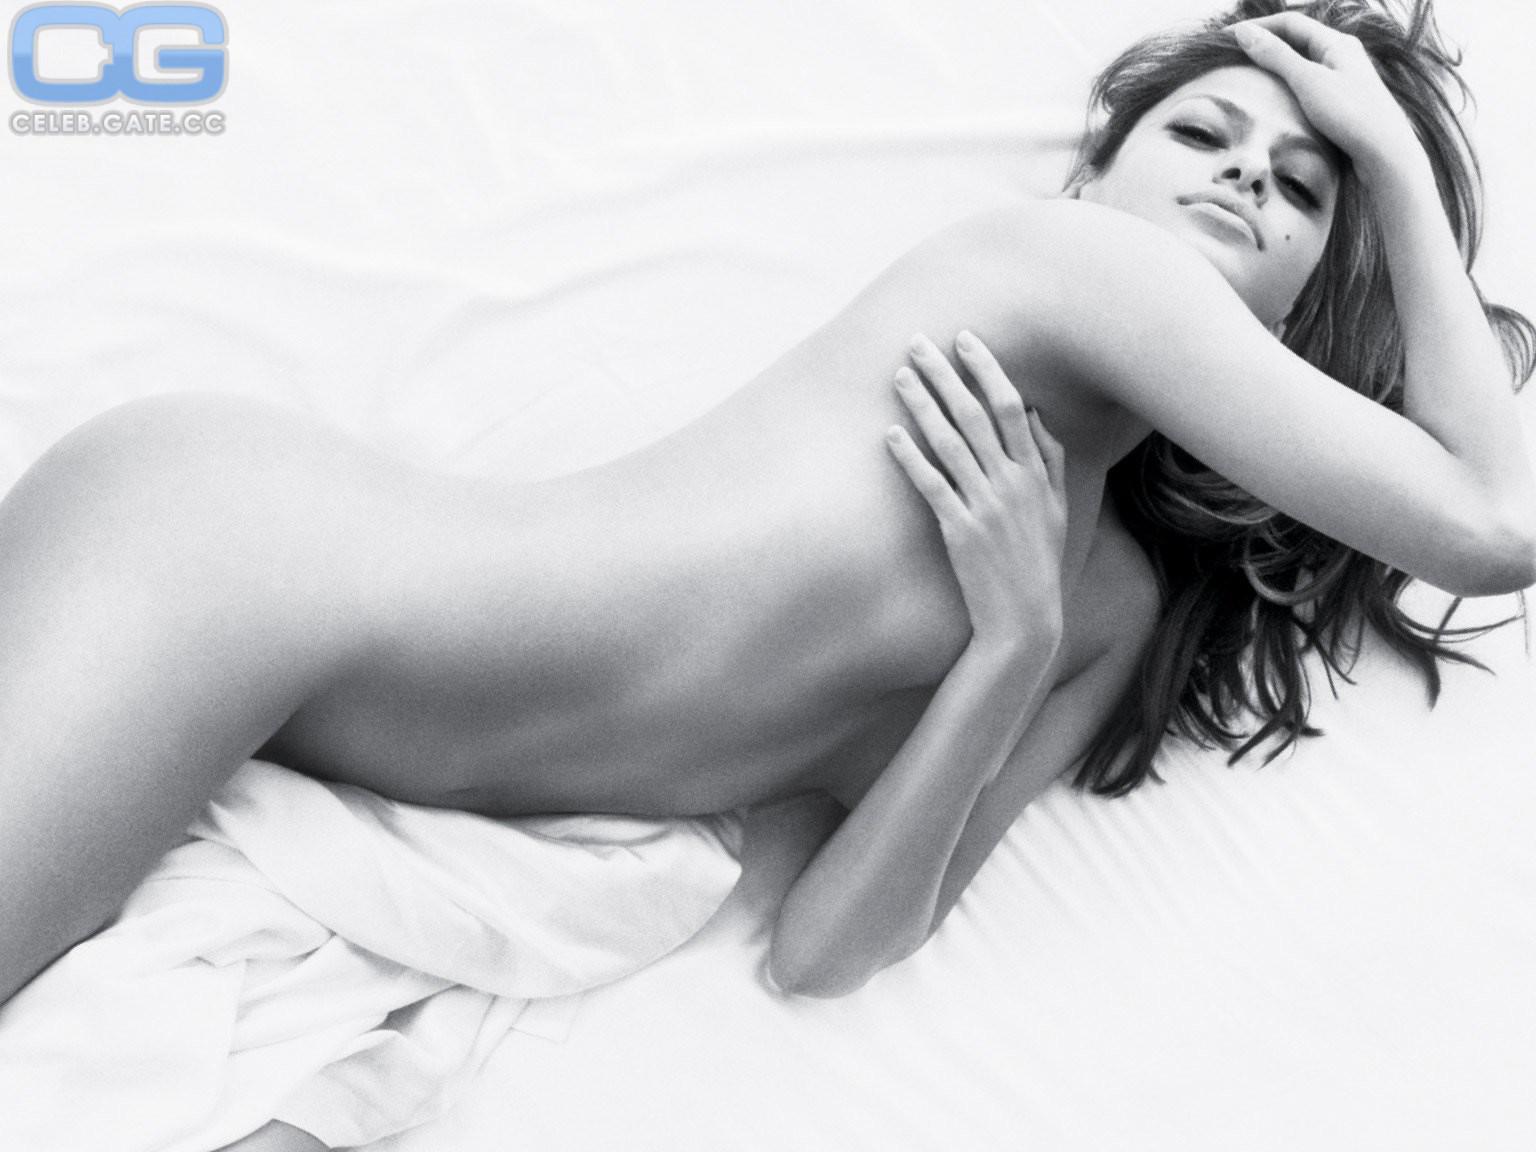 Ideal Eva Mendes Hot Nude Pics Jpg